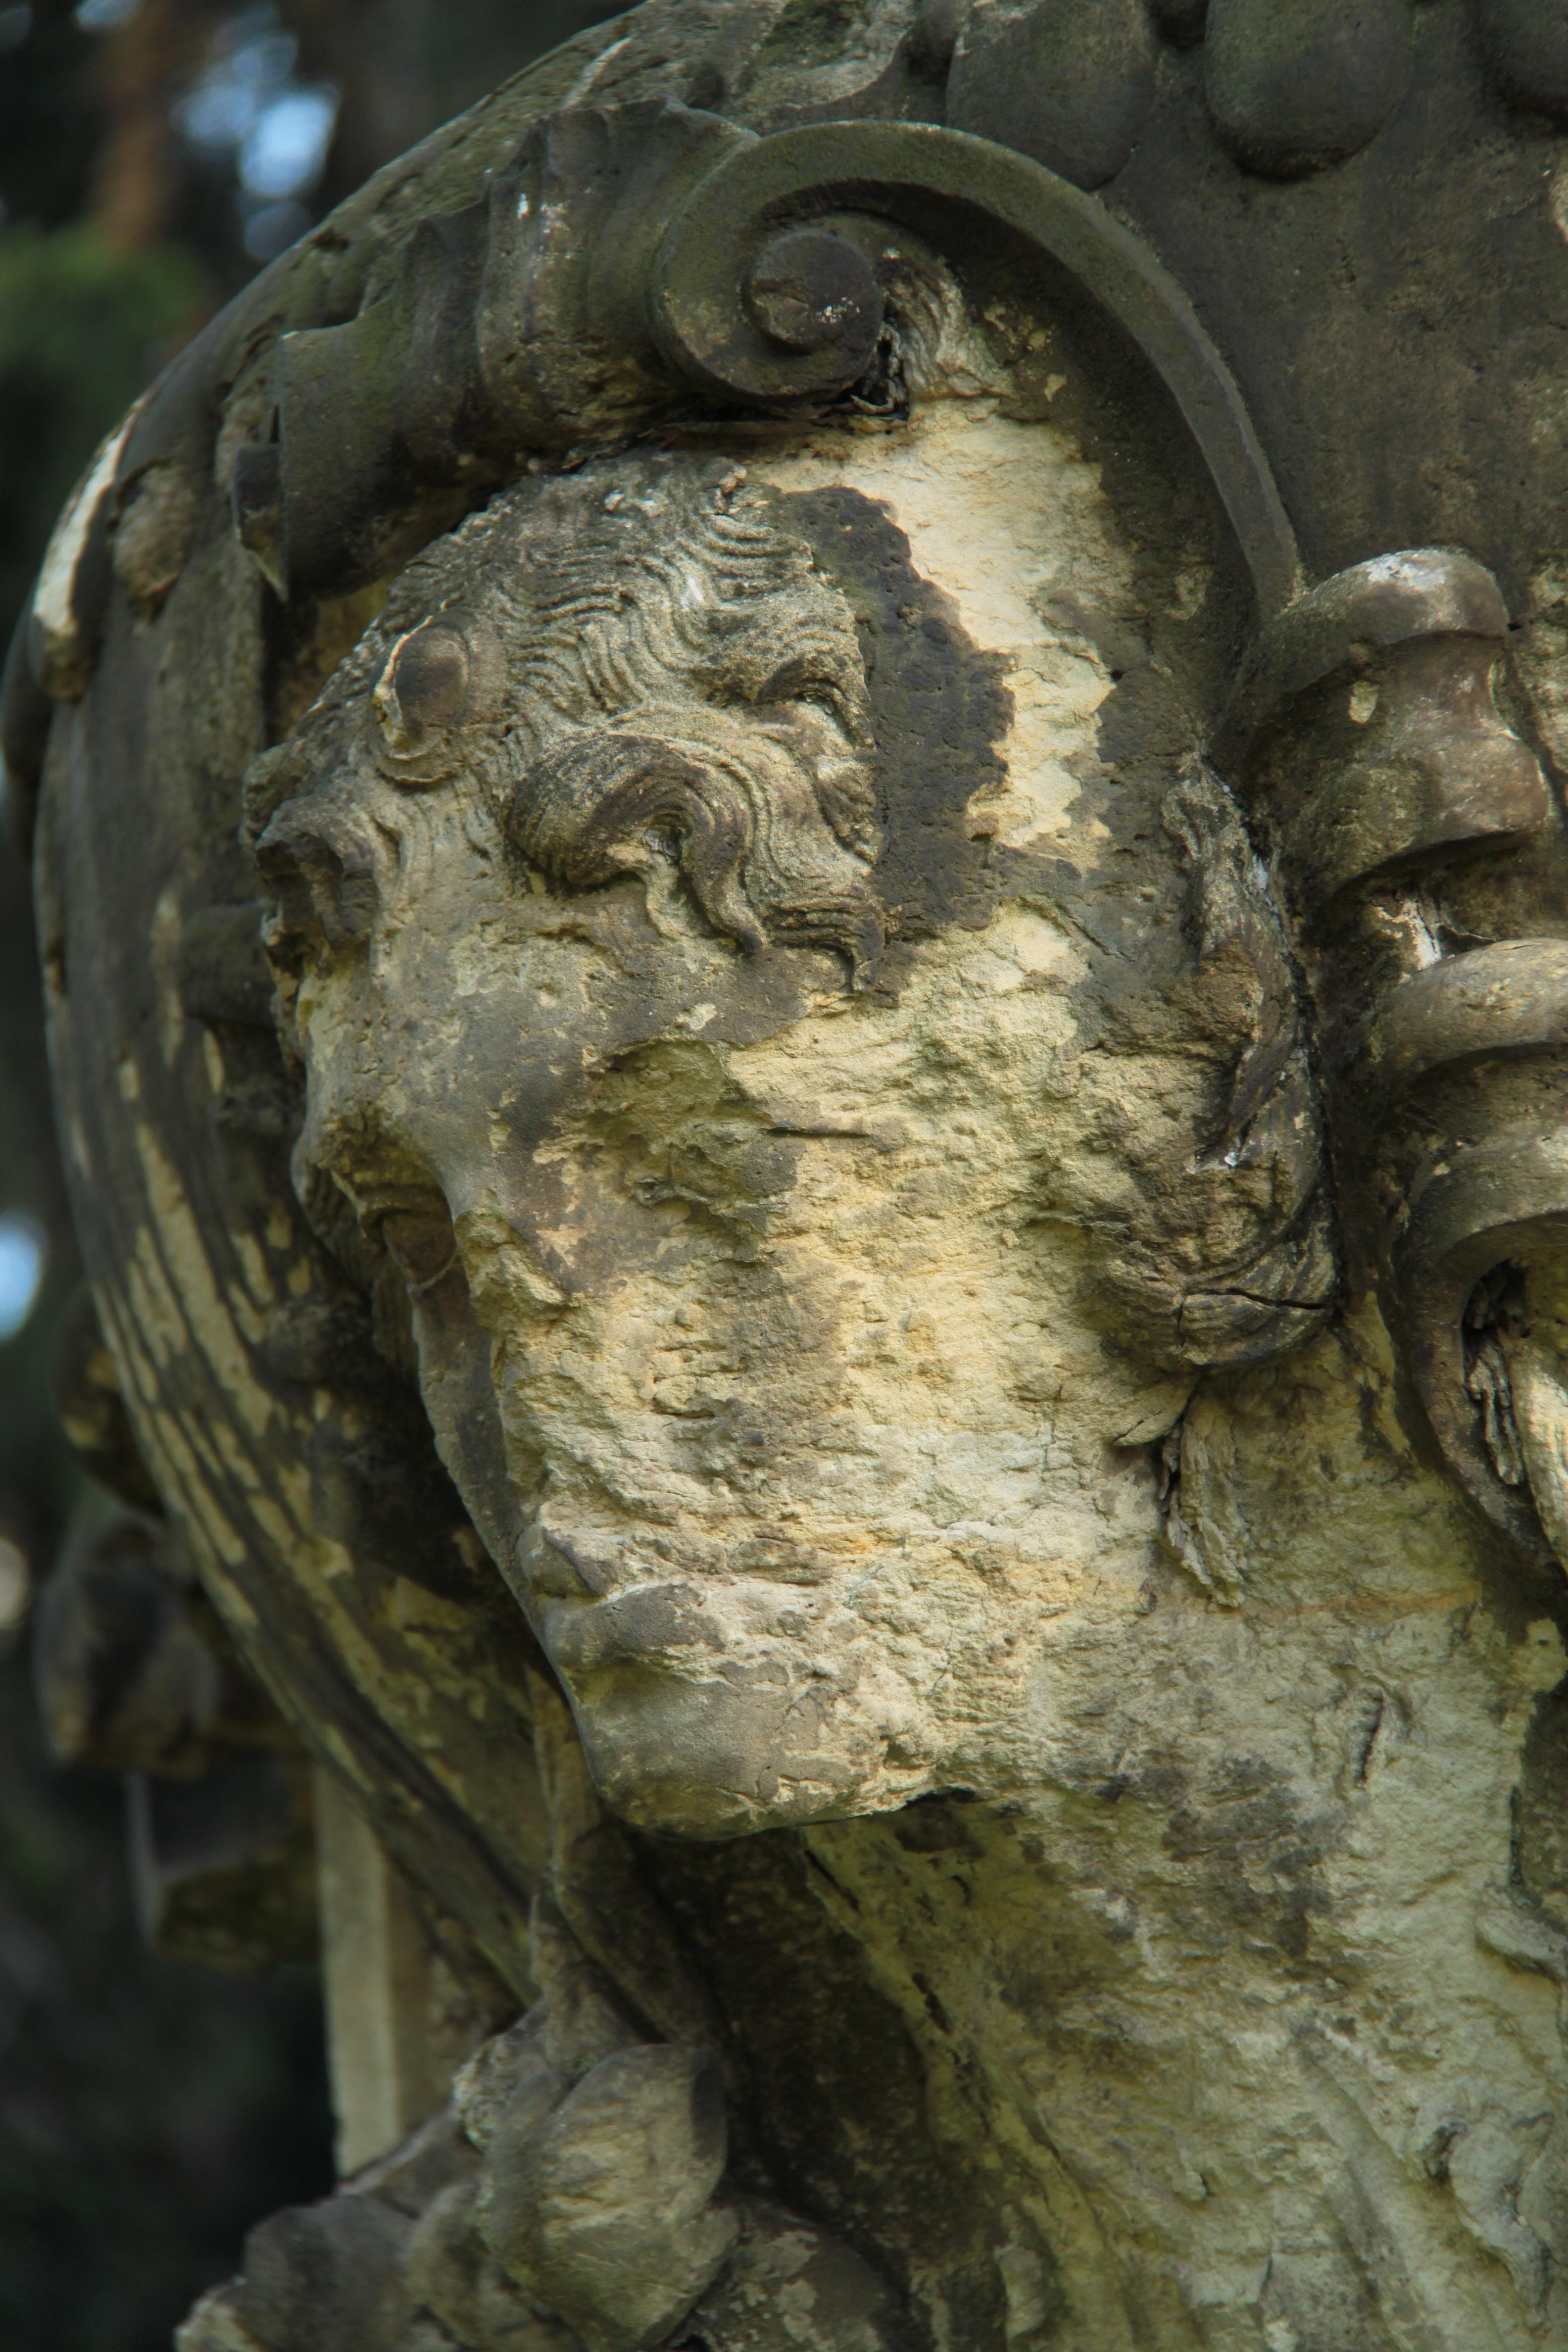 https://upload.wikimedia.org/wikipedia/commons/a/af/Skulptur_aus_Sandstein%2C_Dresden_2012-09-06-0555.jpg